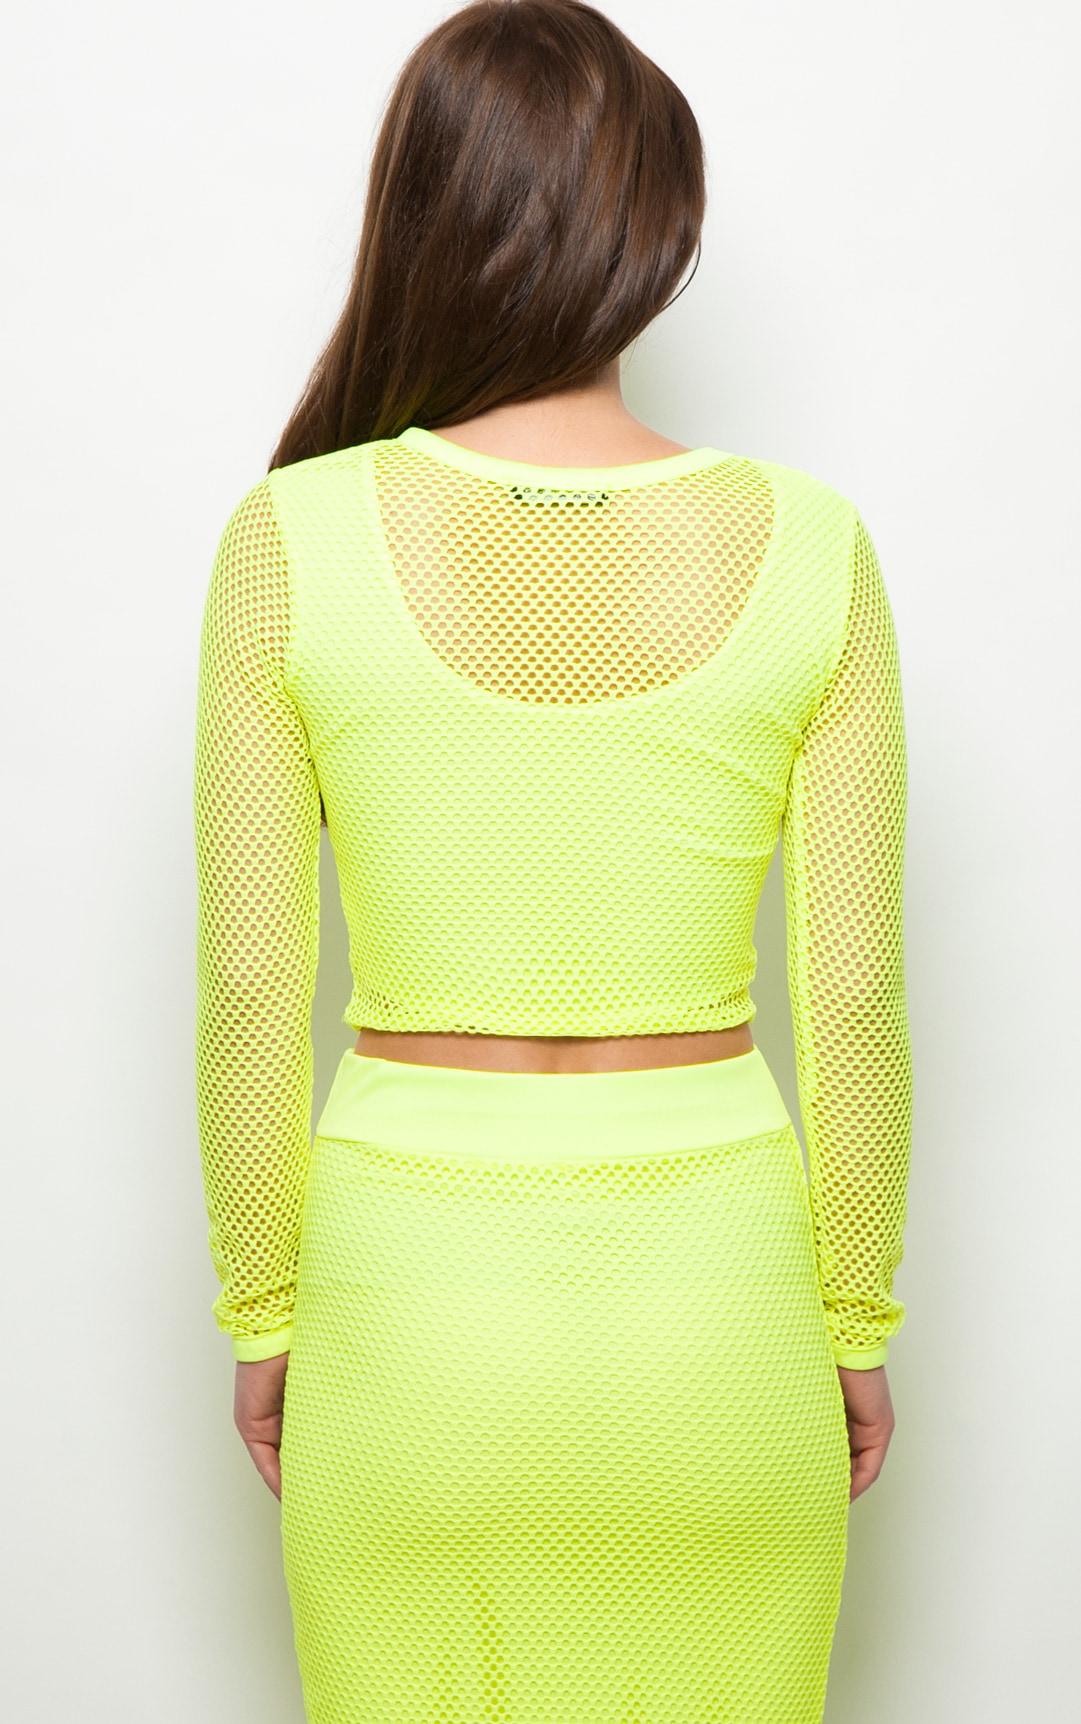 Eleanor Neon Yellow Fishnet Long Sleeve Crop Top 2